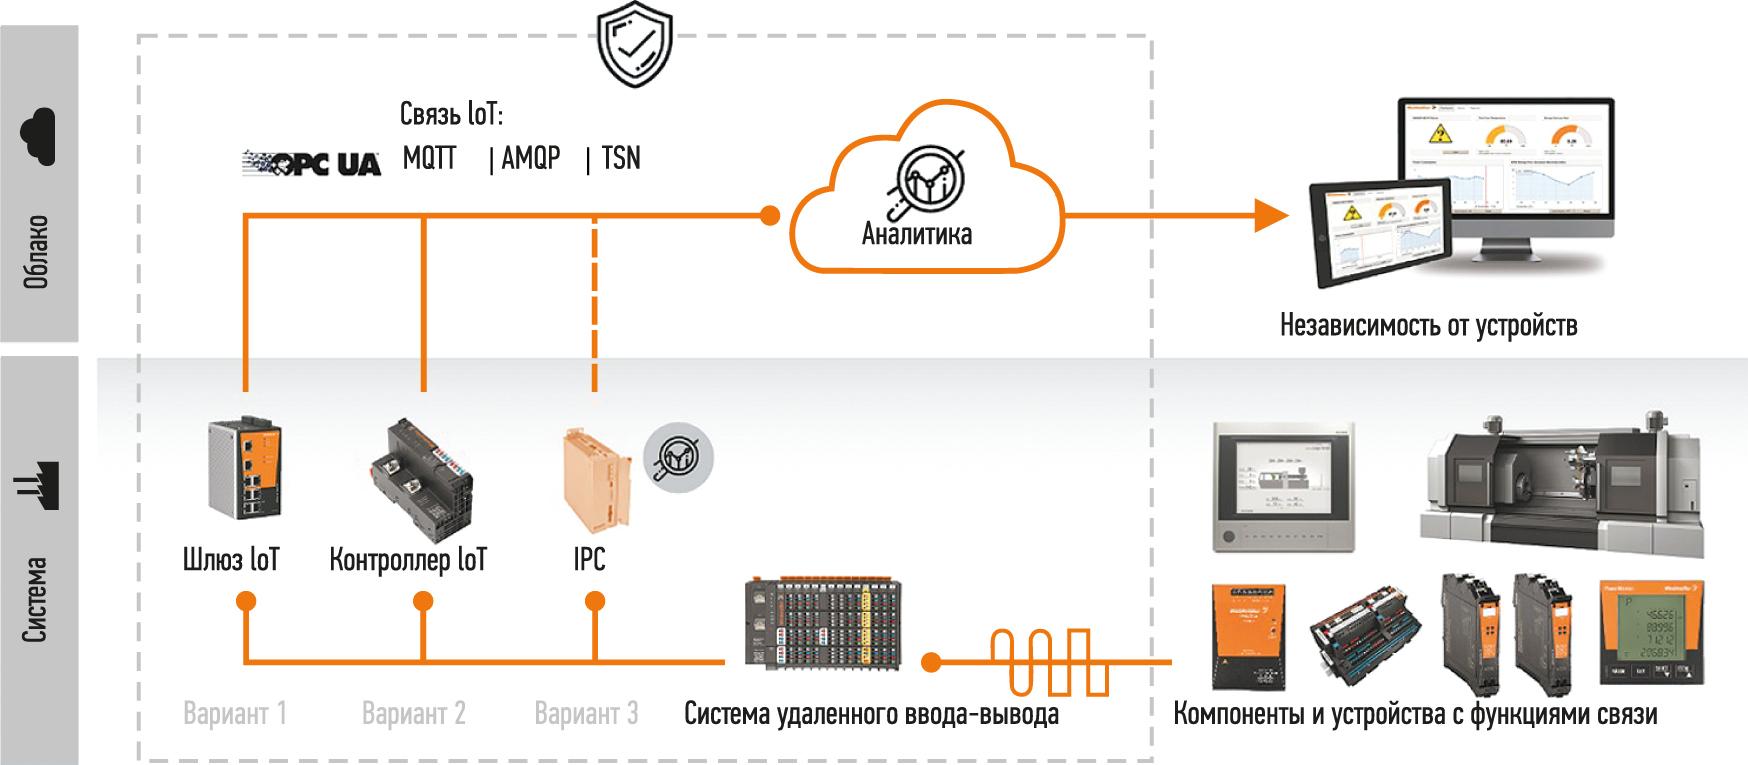 Связь между полевыми устройствами и облачными сервисами с помощью инфраструктуры Weidmüller